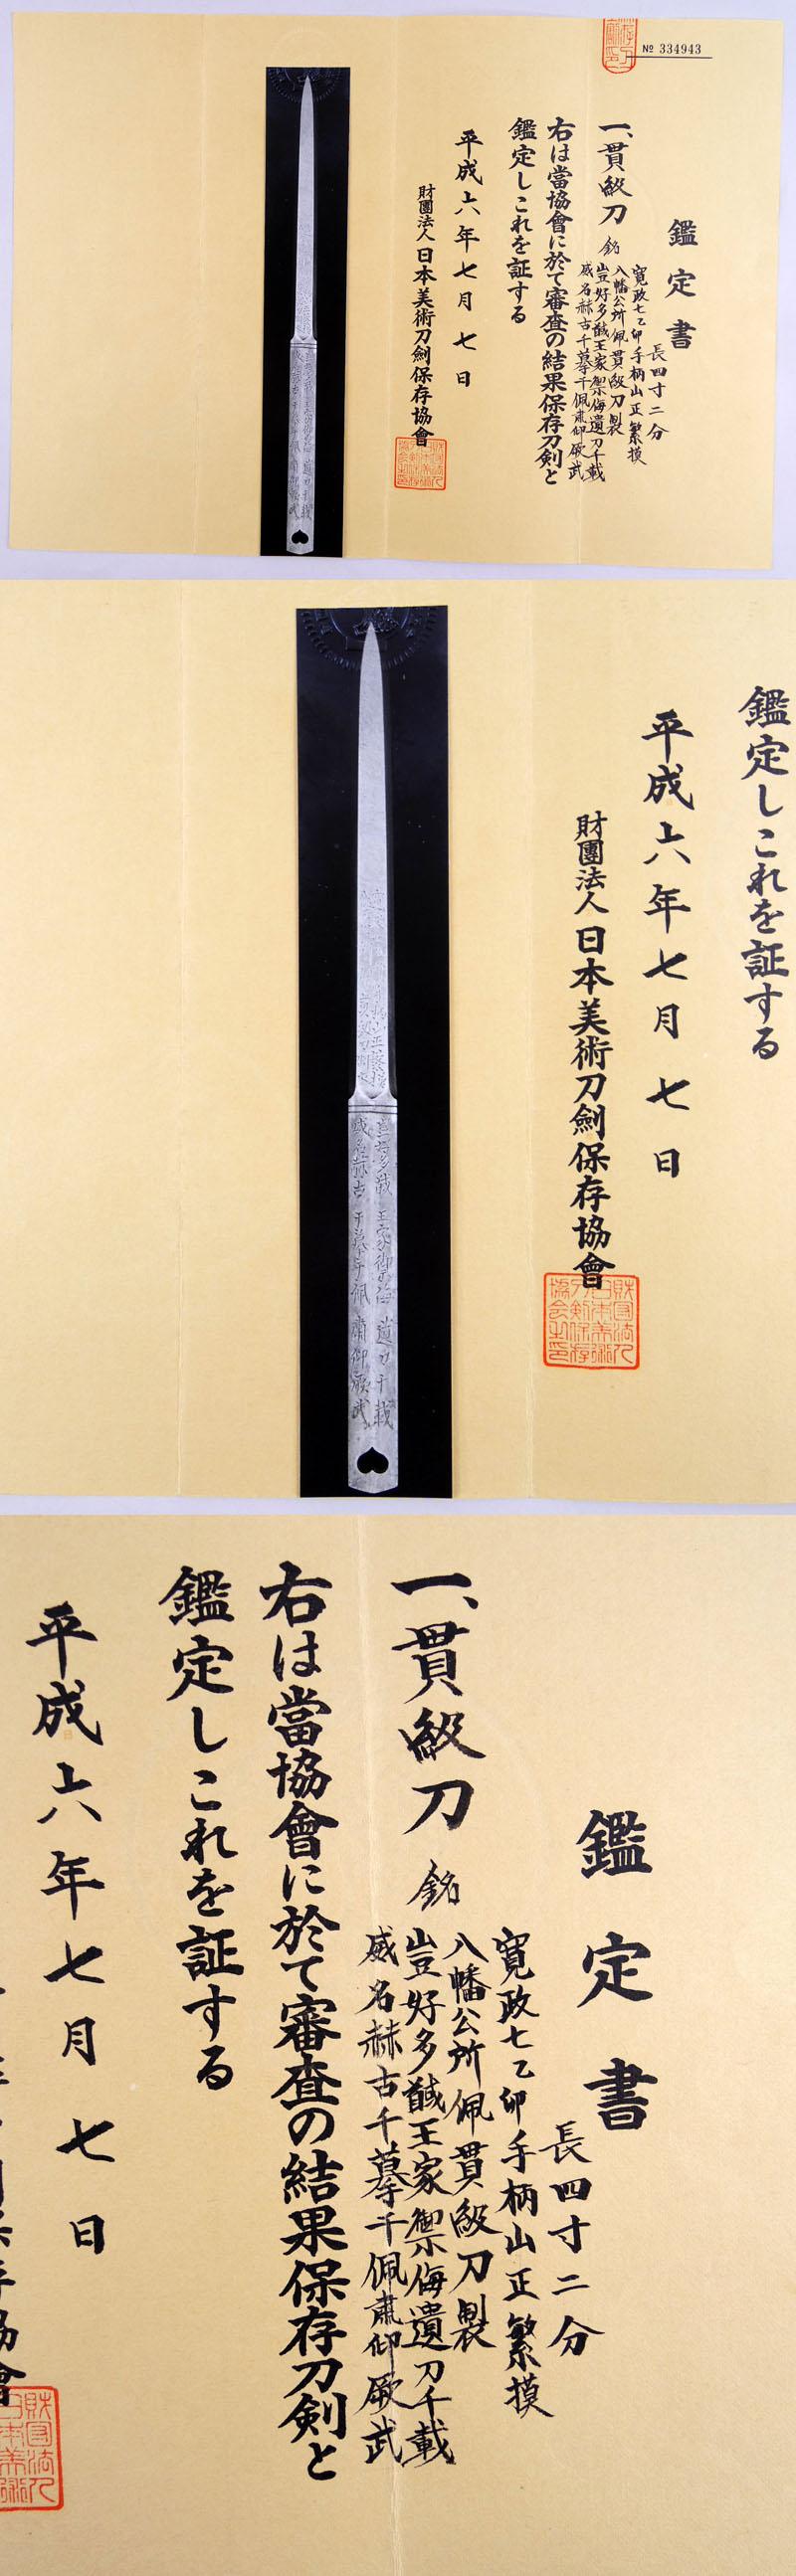 貫級刀 (馬針)鑑定書画像